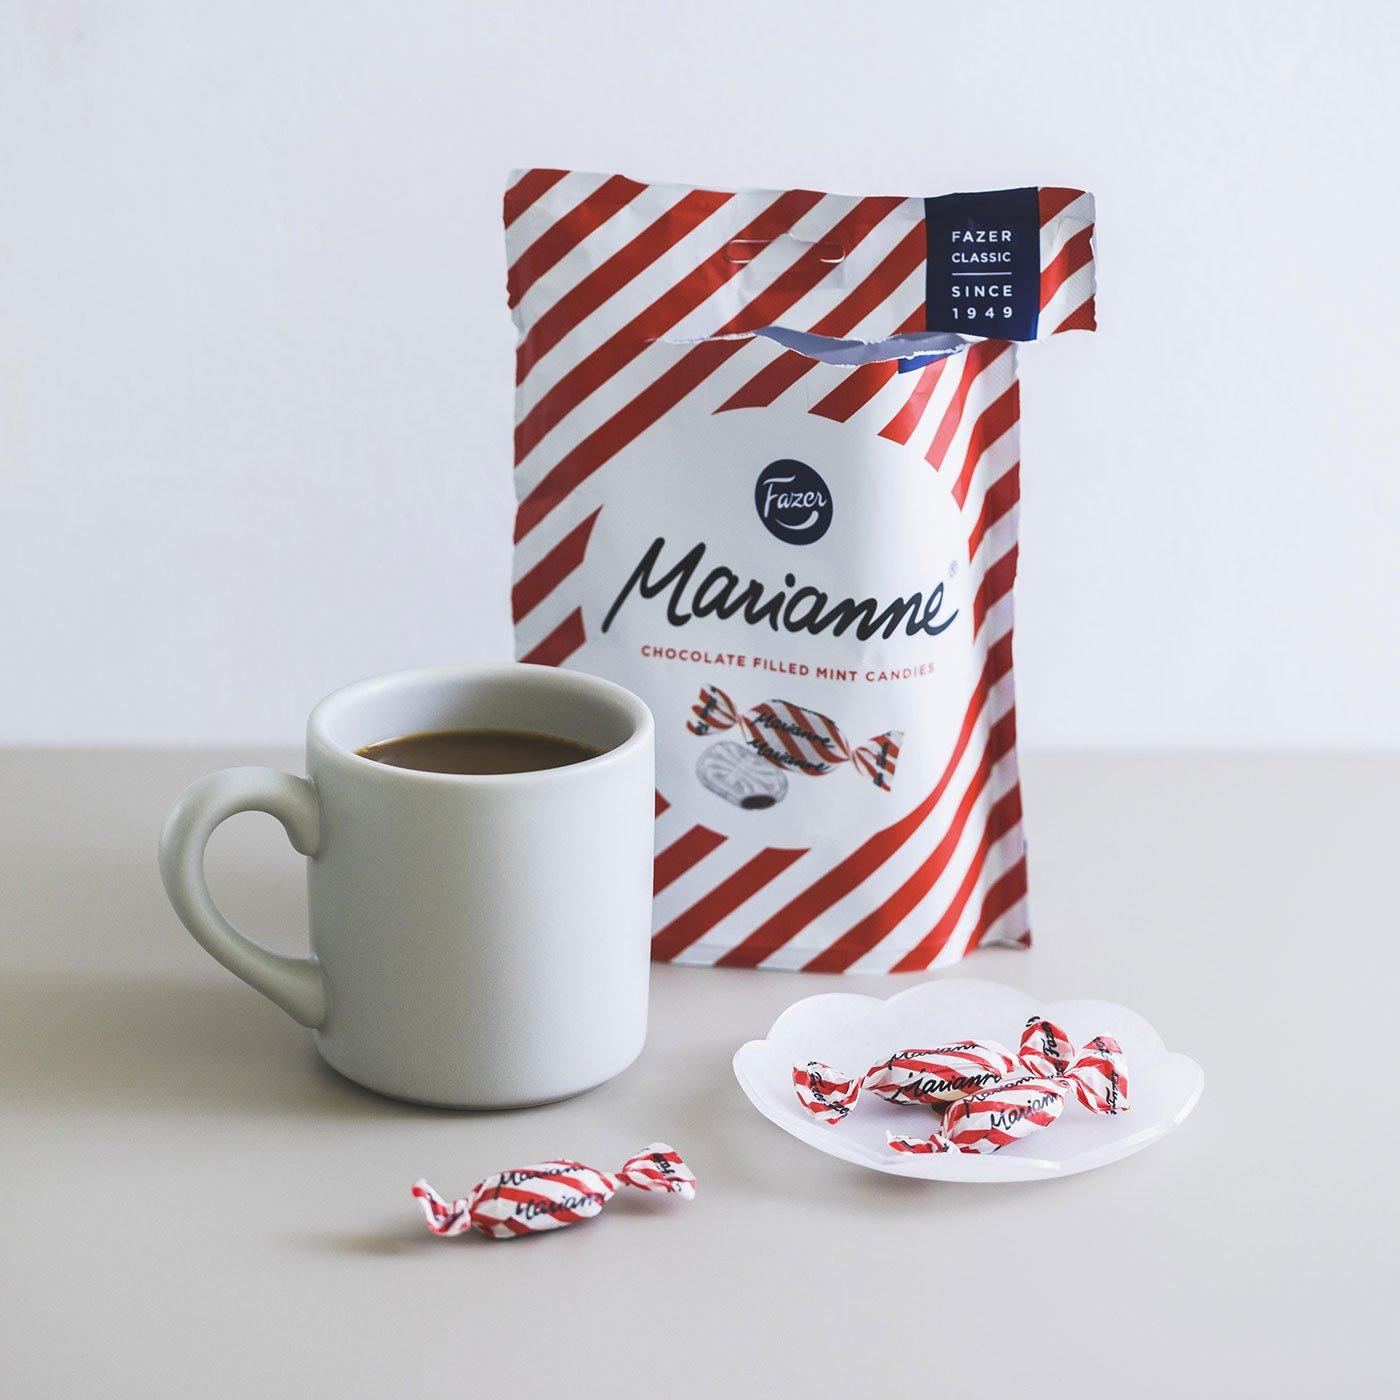 フィンランドで定番のミントとチョコのキャンディー/ファッツェル